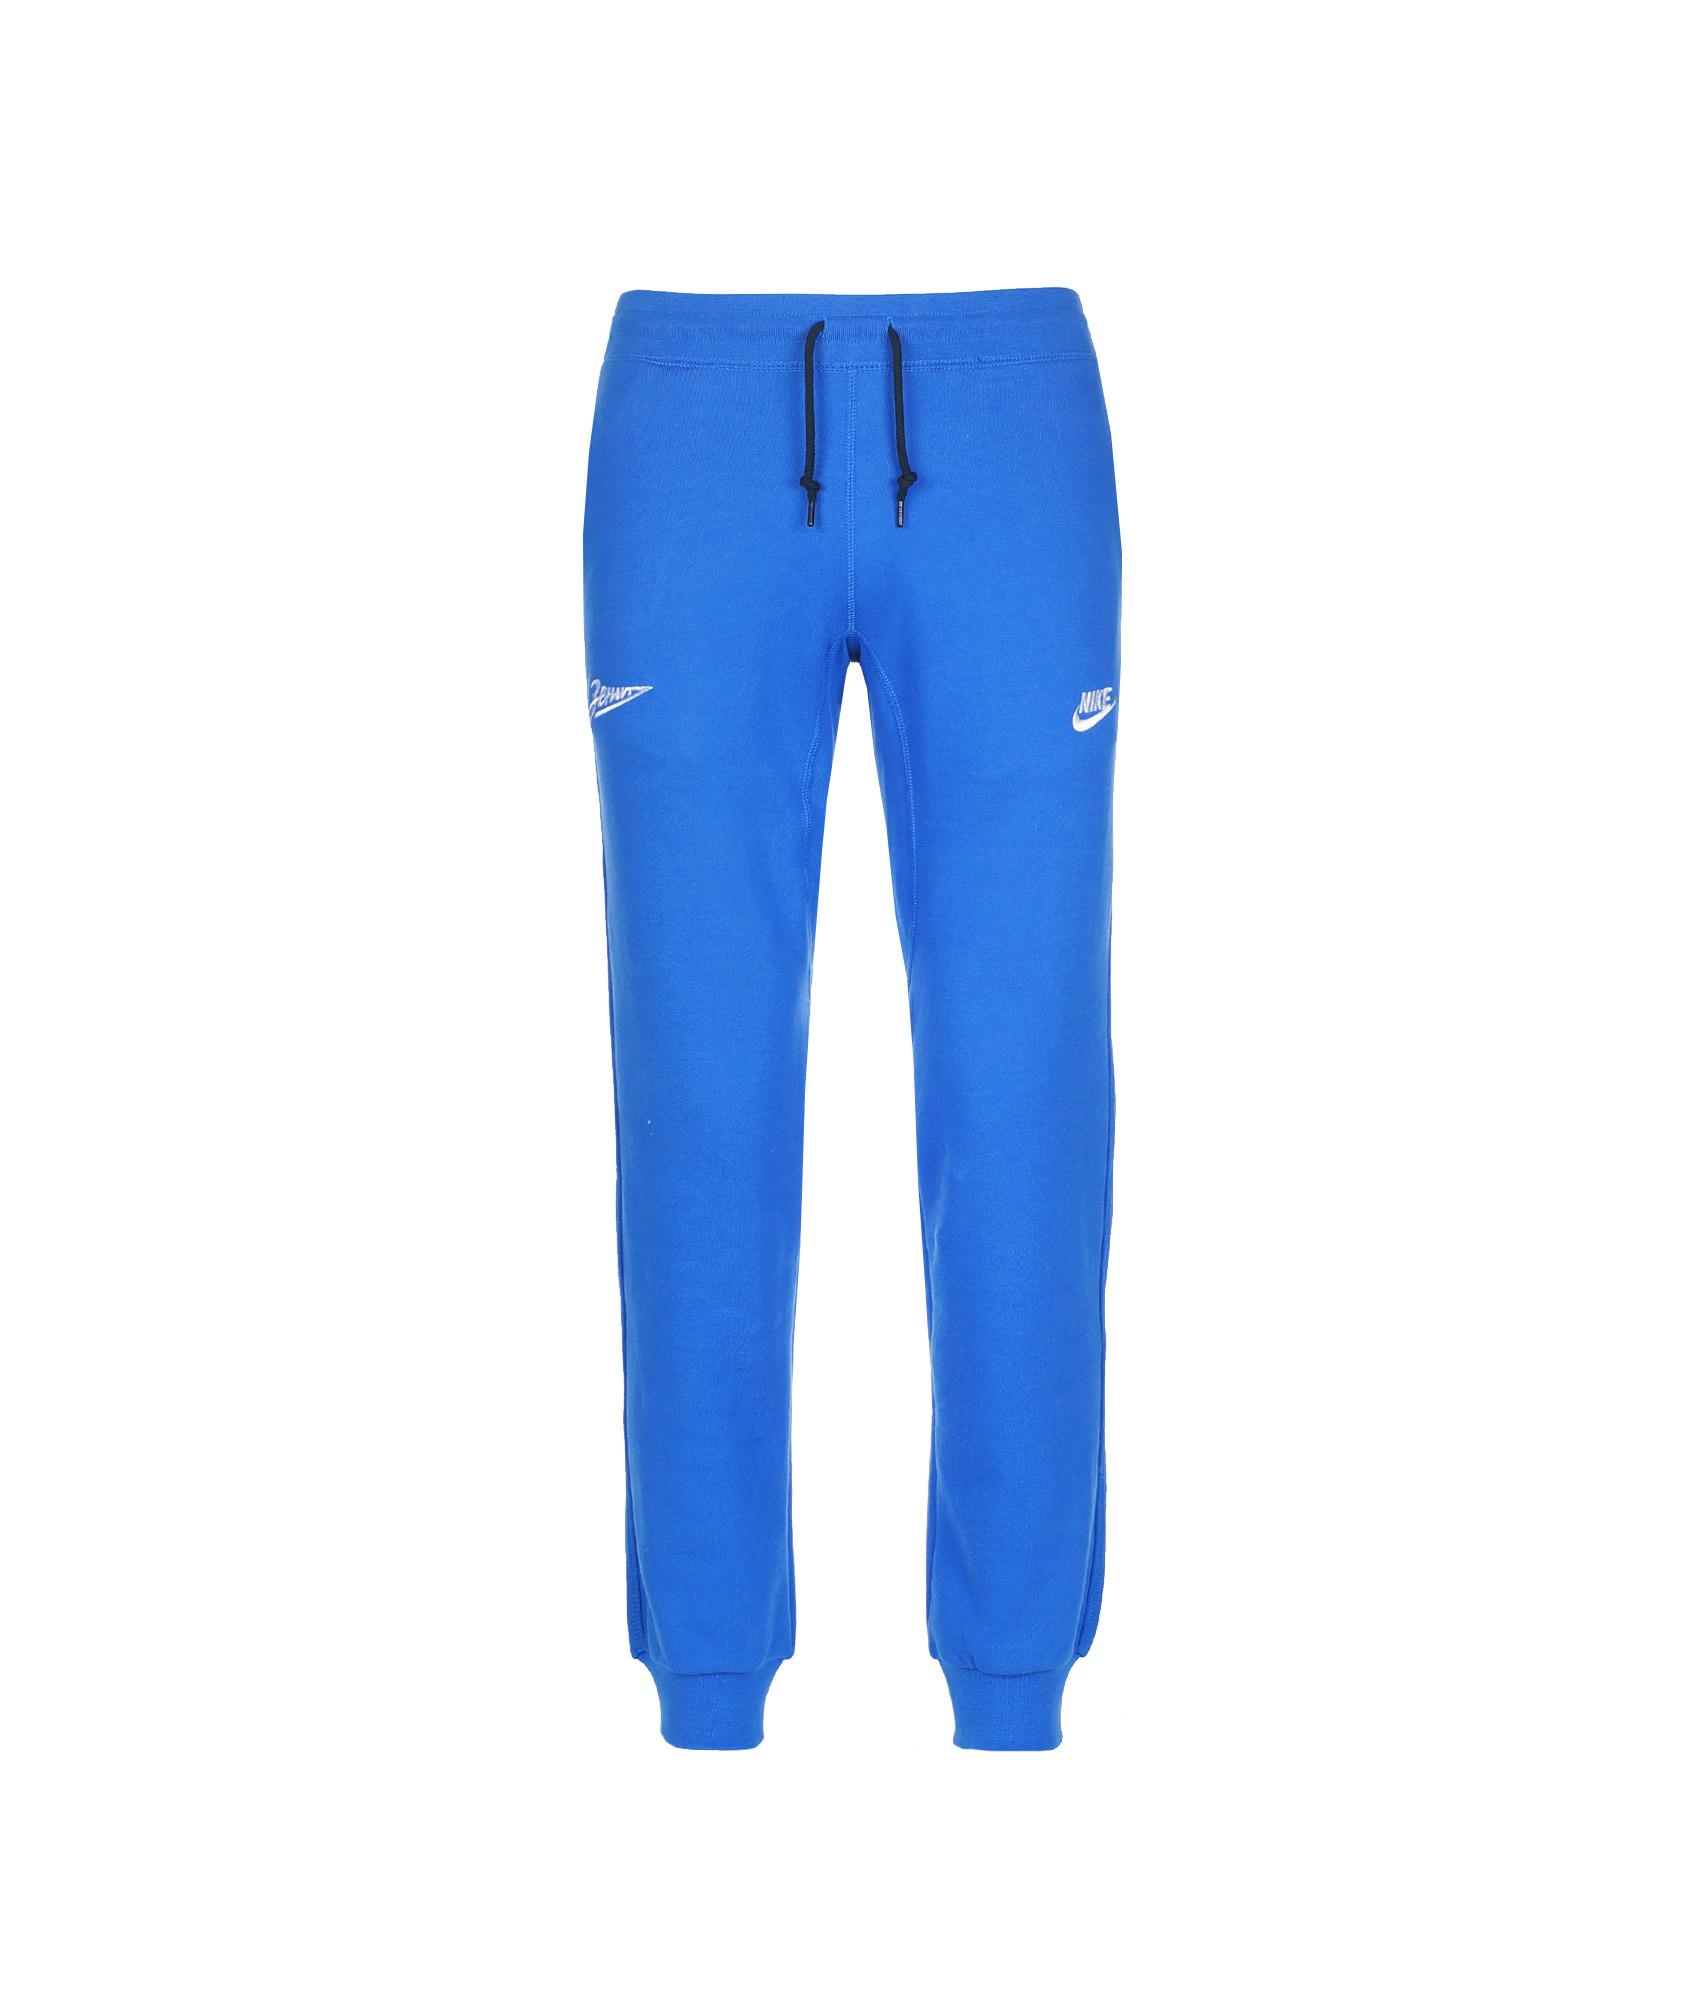 Брюки Nike AW77 CUFF PANT, Цвет-Синий, Размер-XL